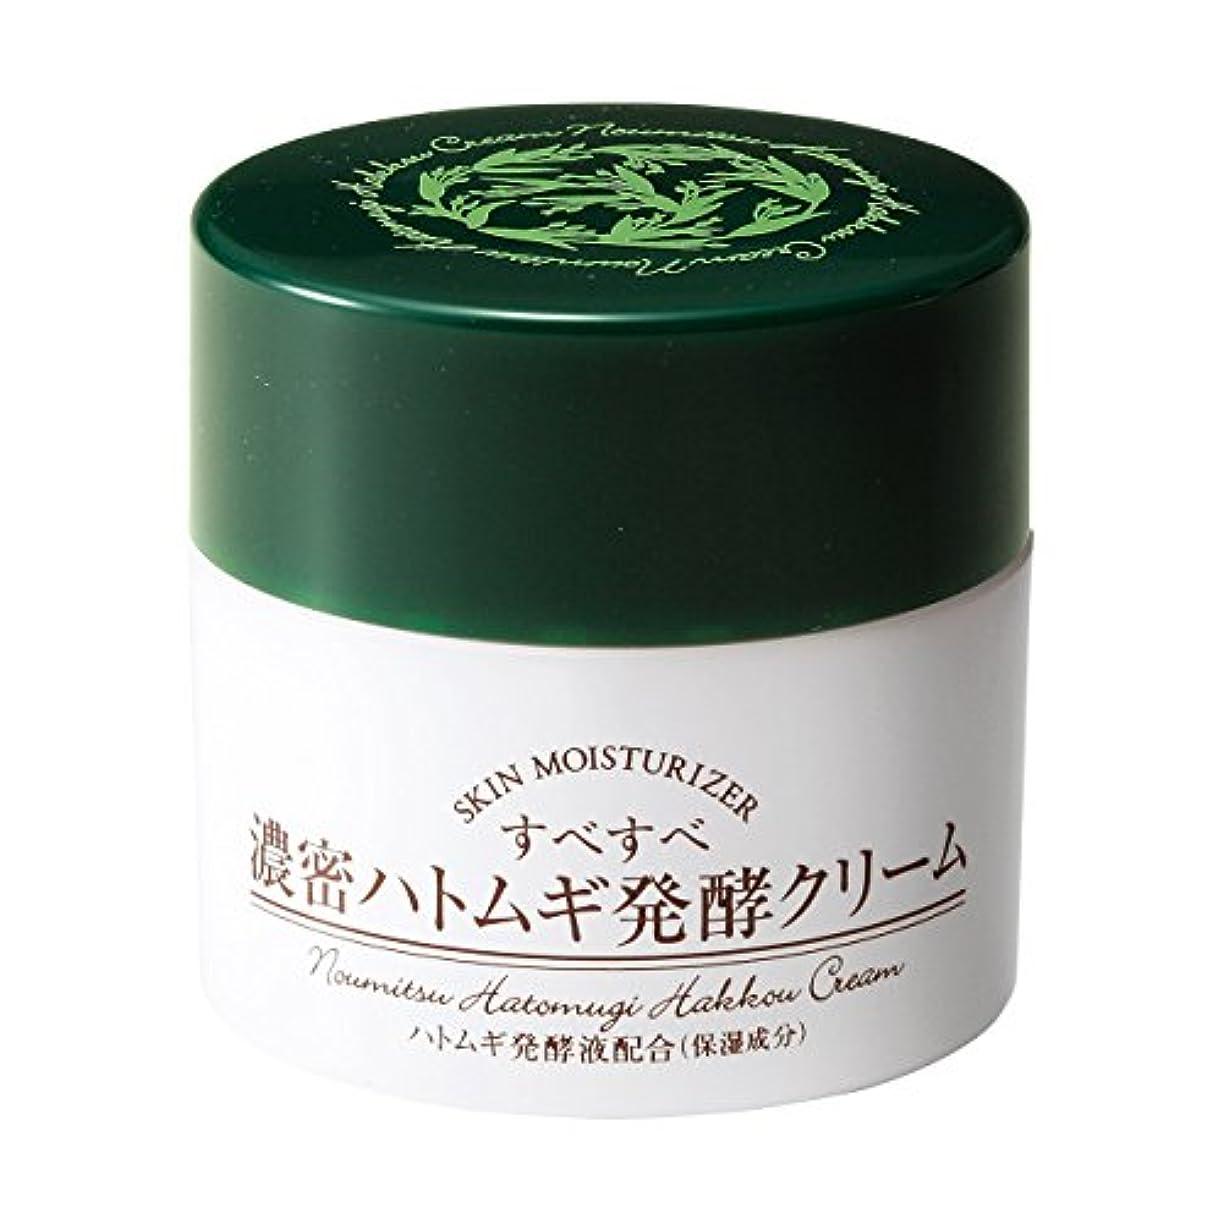 爵レース描くすべすべ濃密ハトムギ発酵 クリーム 59688